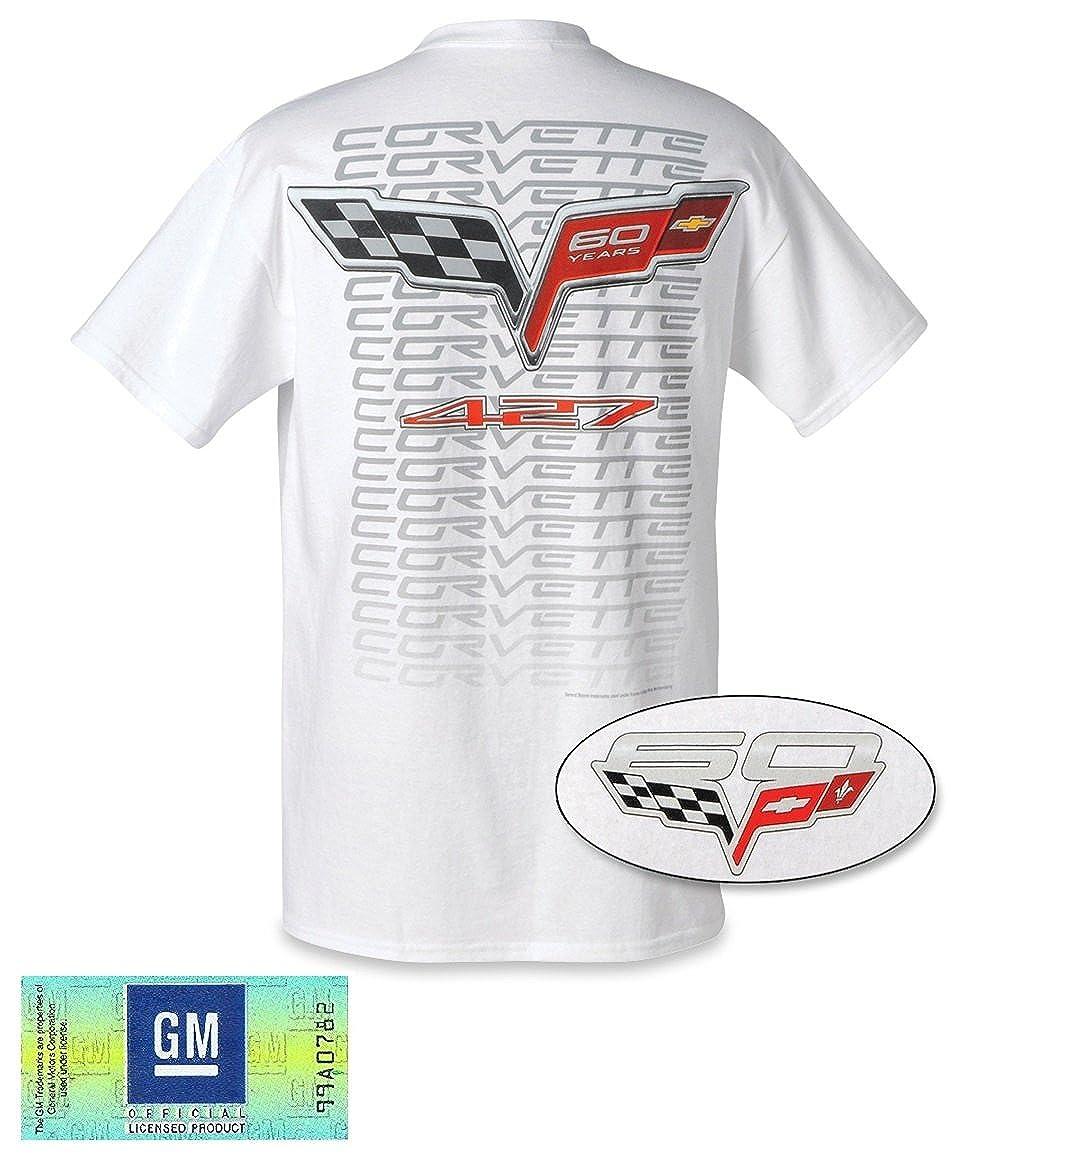 C2 Corvette Polo Shirts Anlis Short Circuit Tshirts Shirt Designs Zazzle